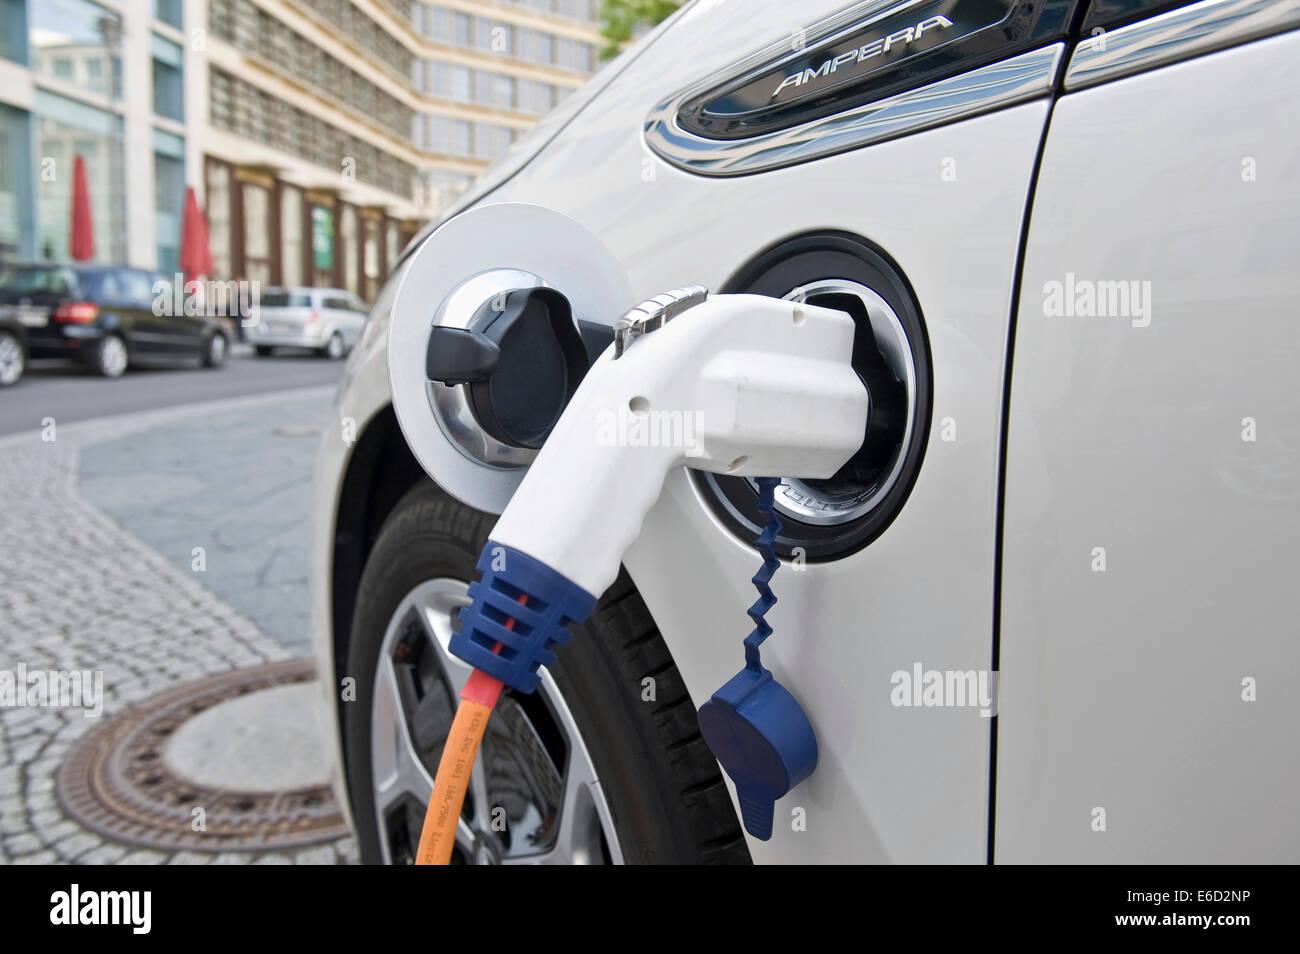 Coche eléctrico Opel AMPERA, en una estación de carga, Berlín, Alemania Imagen De Stock